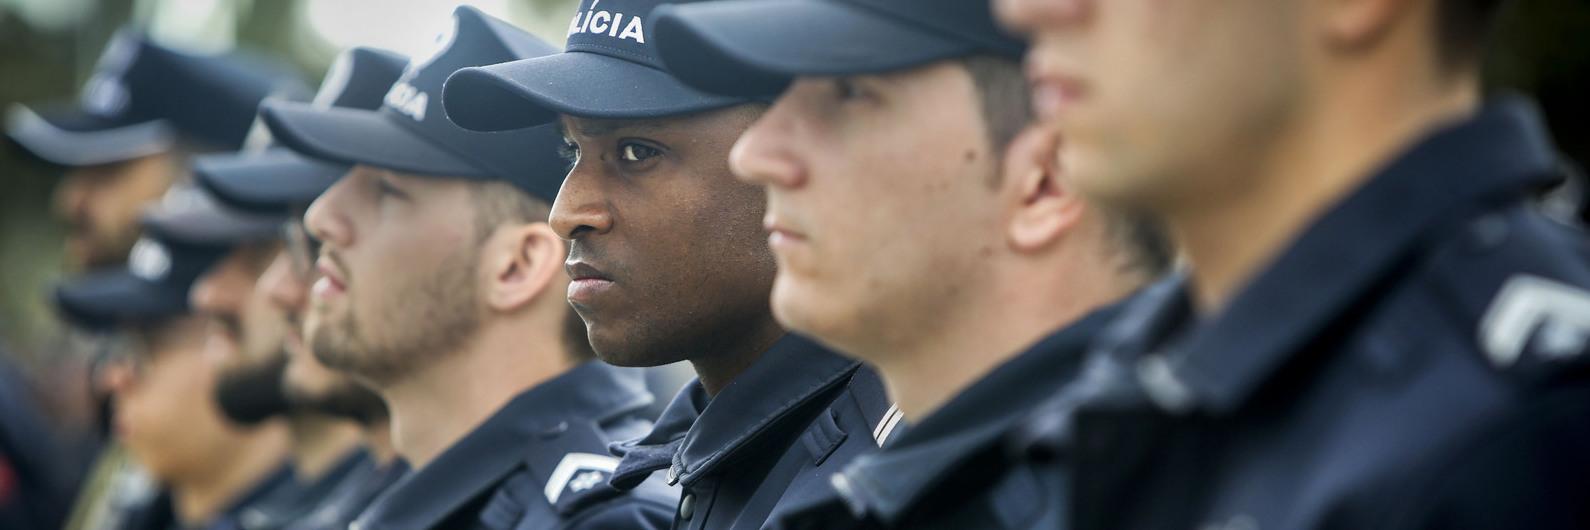 PSP vai dar dicas sobre redes sociais num seminário em Lisboa